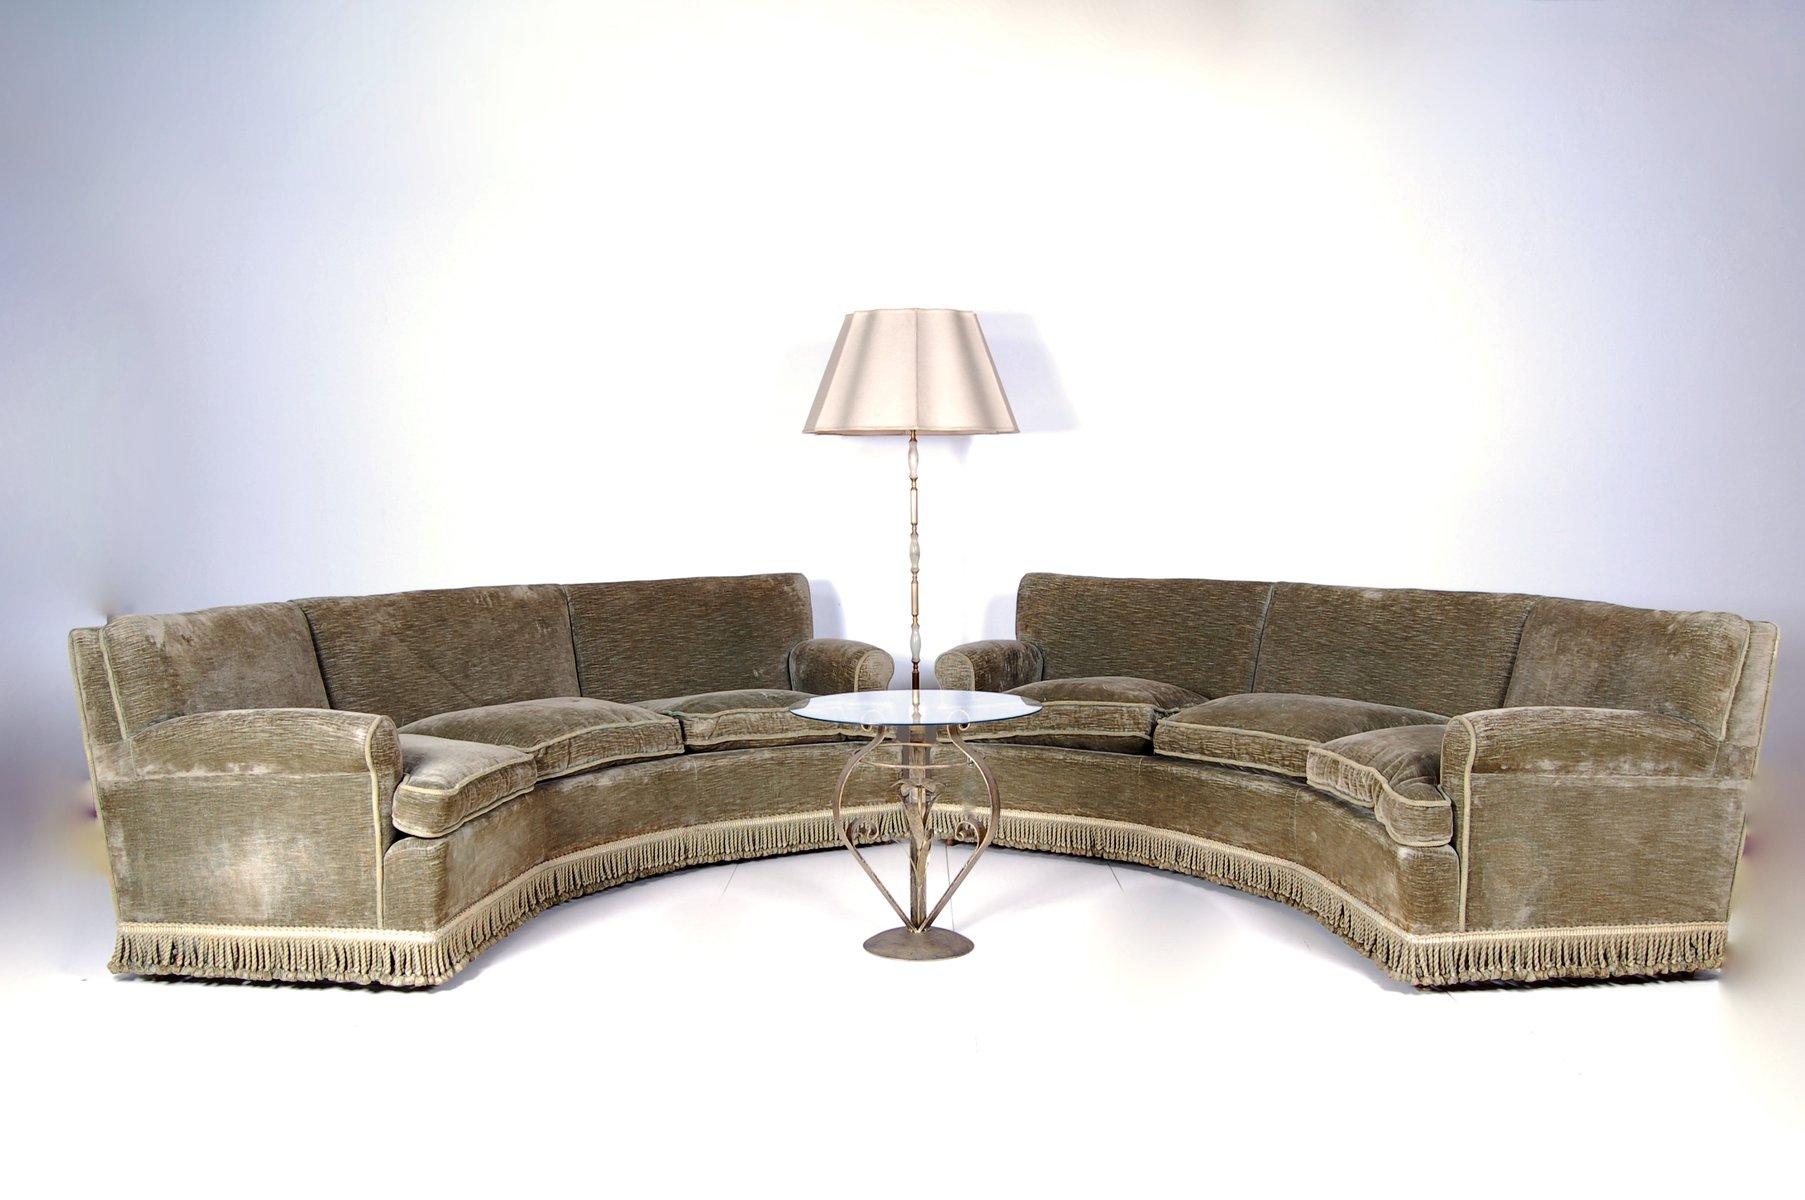 italienische gebogene vintage sofas 2er set bei pamono kaufen. Black Bedroom Furniture Sets. Home Design Ideas